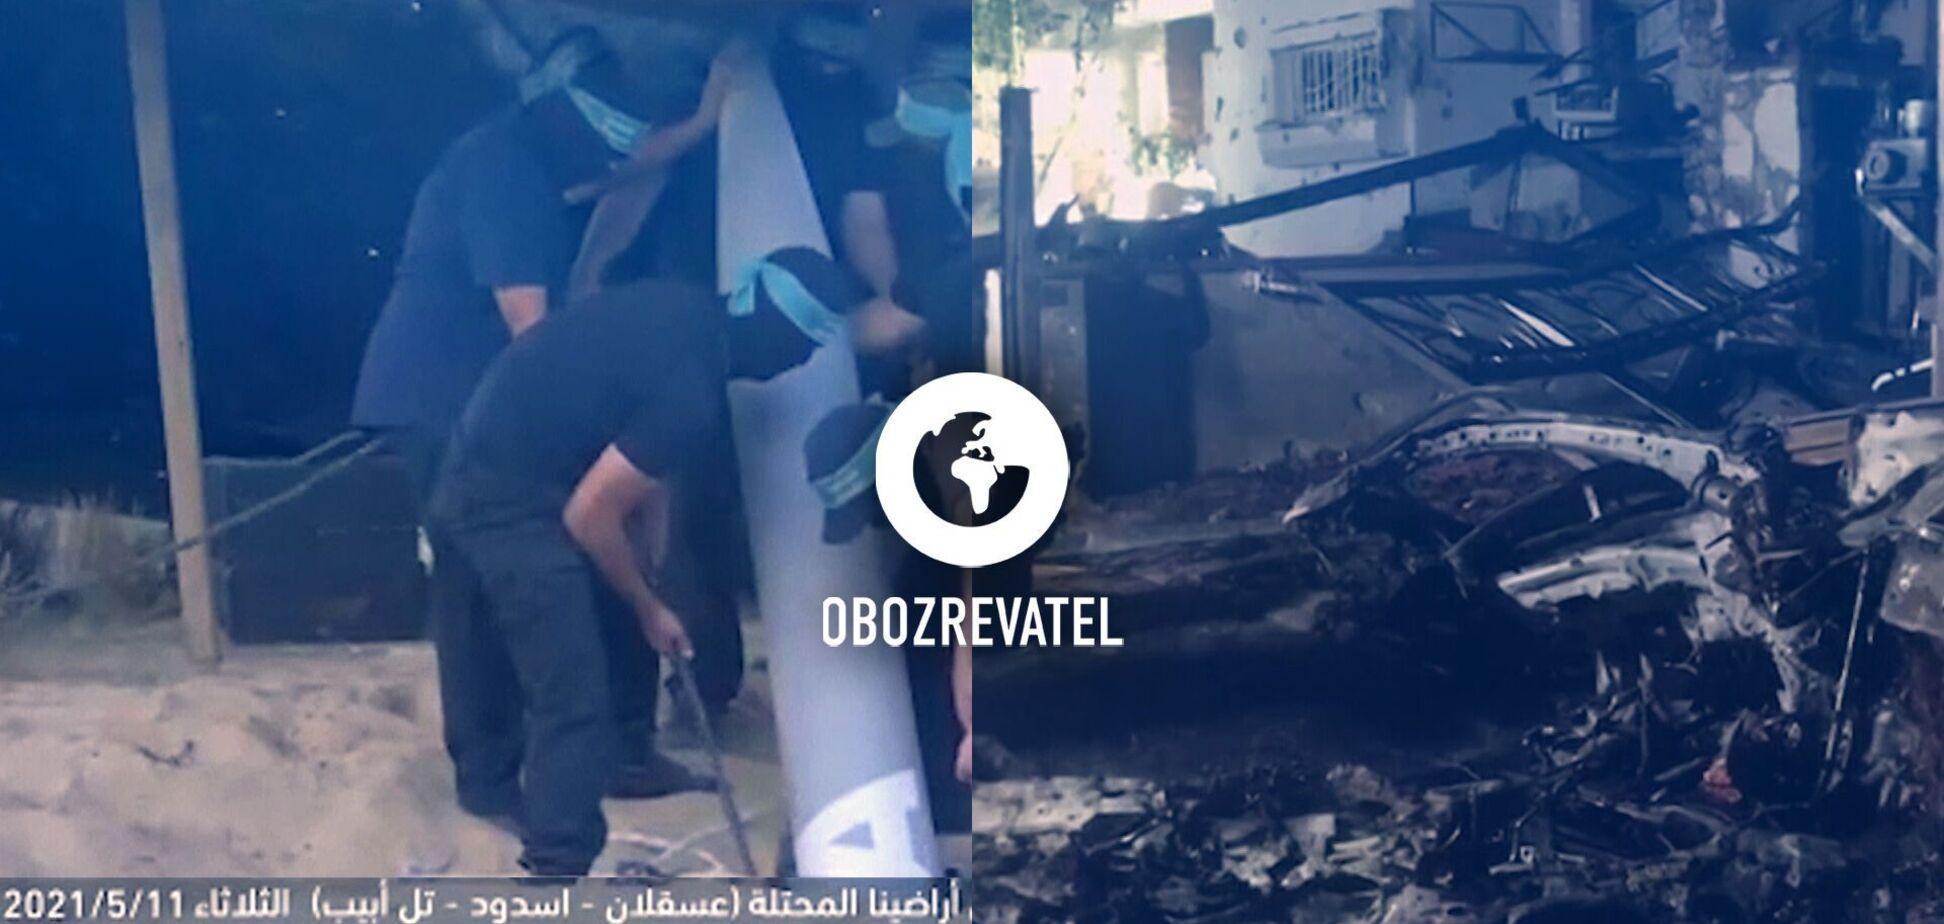 На кордоні Ізраїлю і Палестини тривають військові дії, а у Татарстані траур – дайджест міжнародних подій